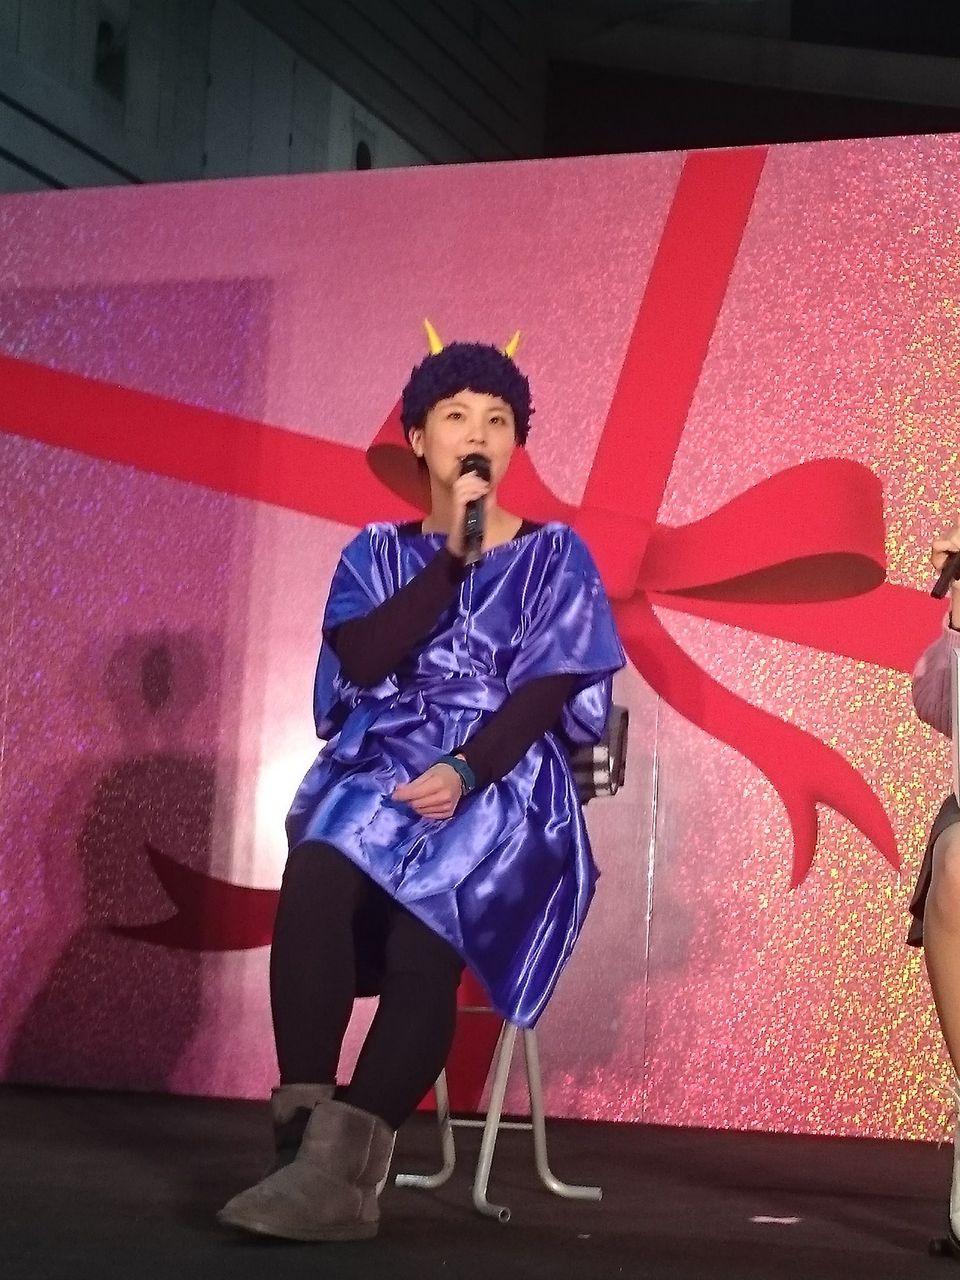 【悲報】バレンタインムードのAKB48大握手会に青鬼